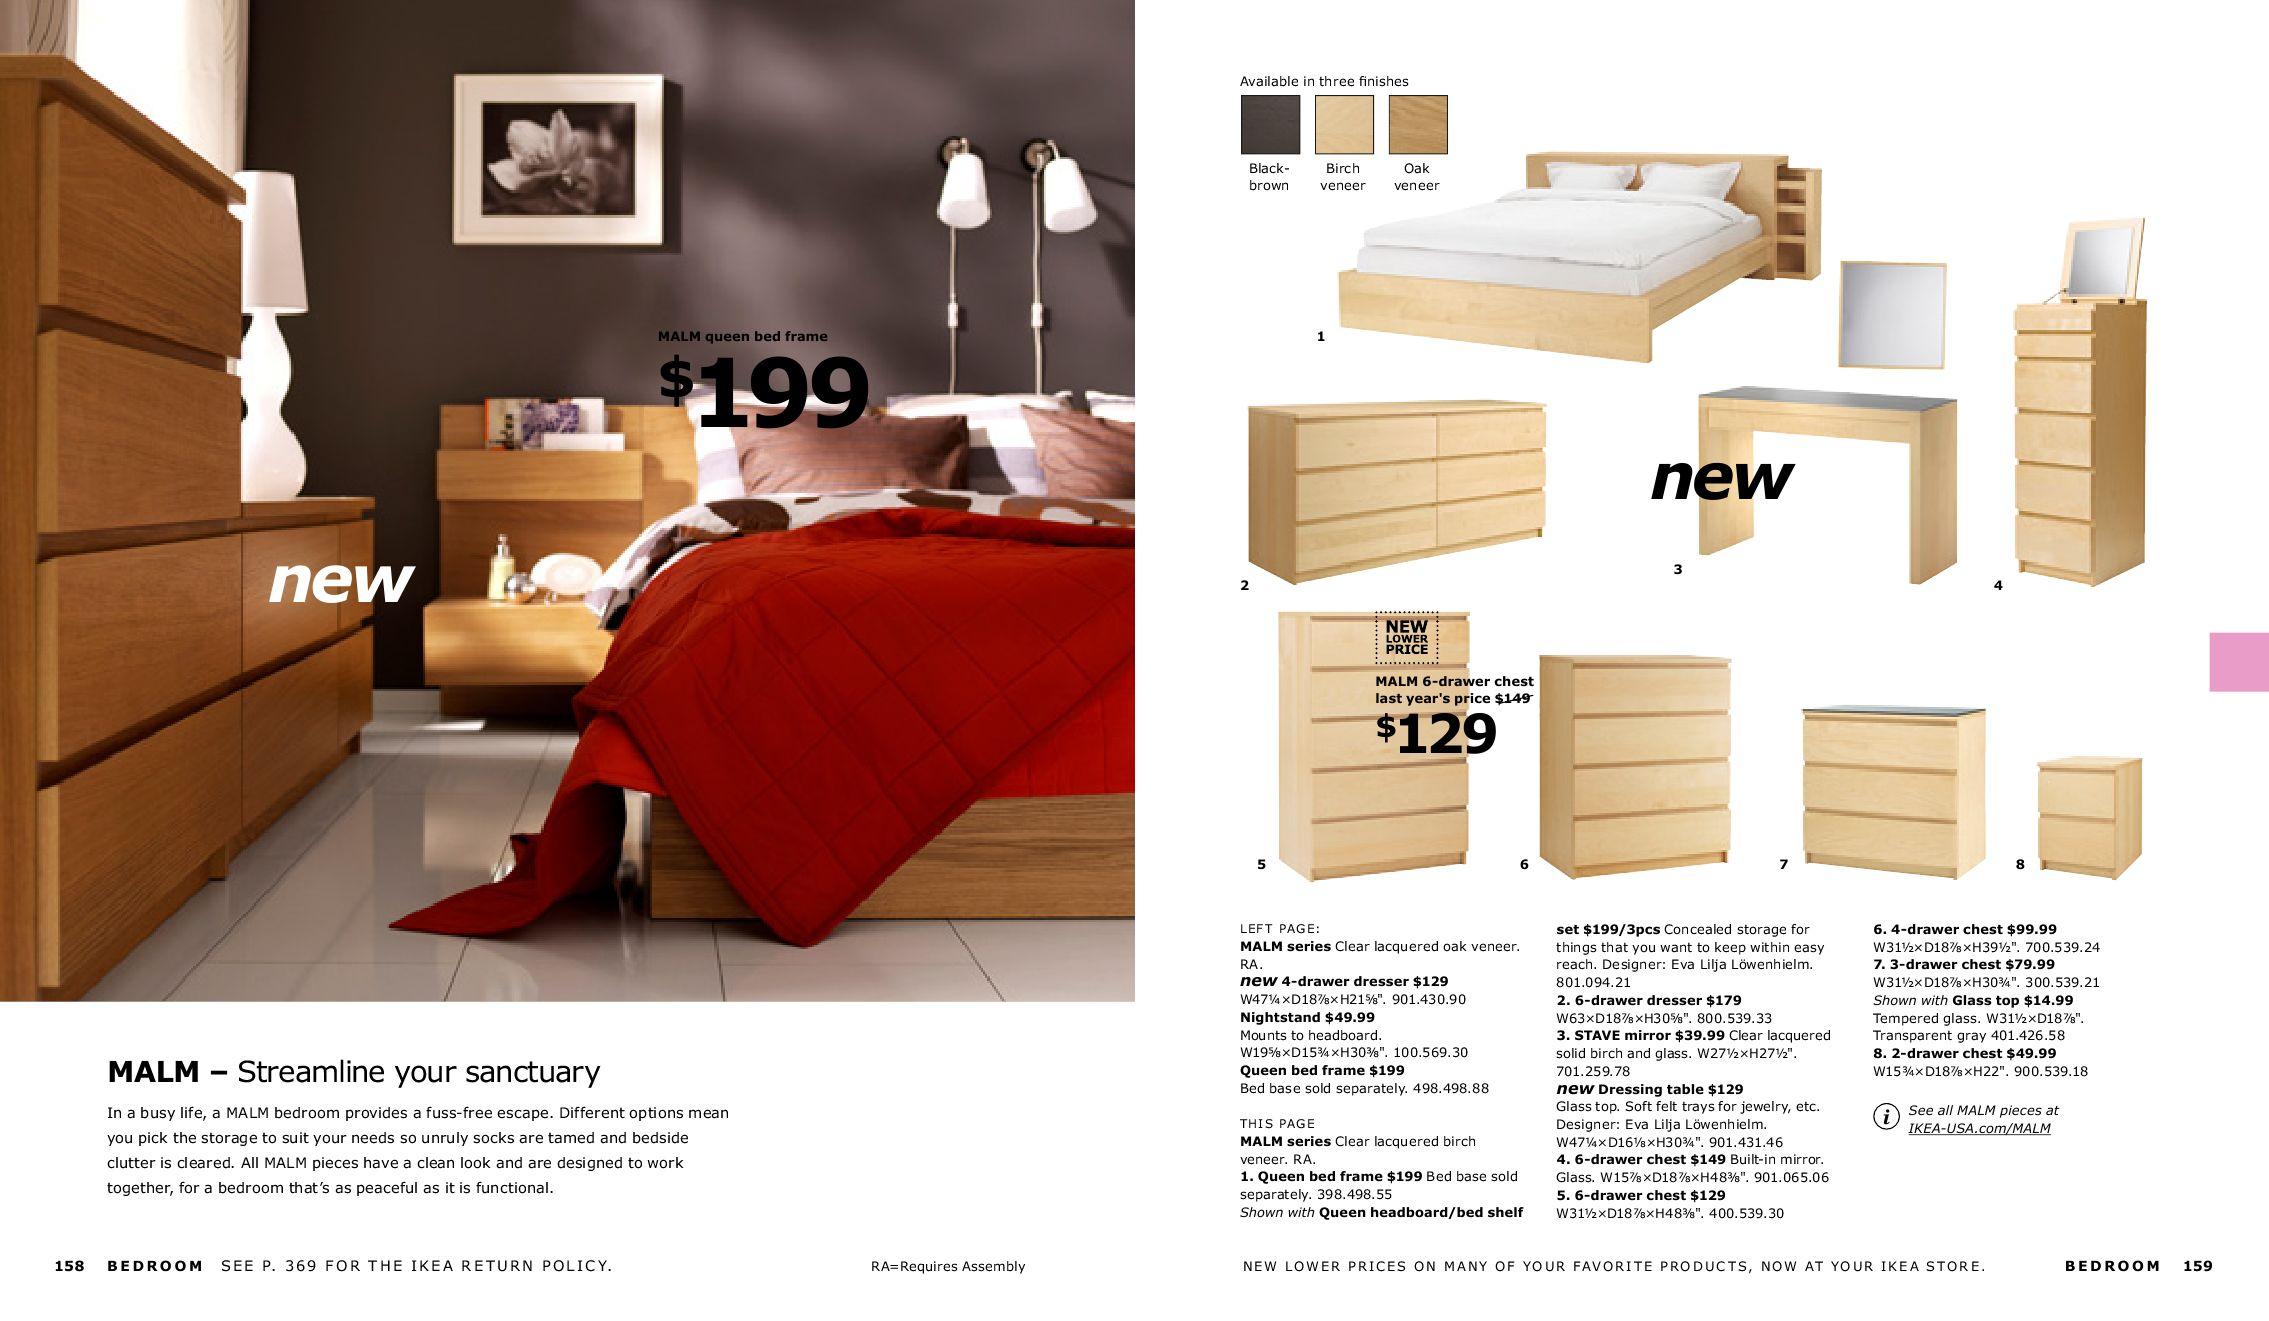 Ikea Catalog 2010 By Muhammad Mansour Issuu